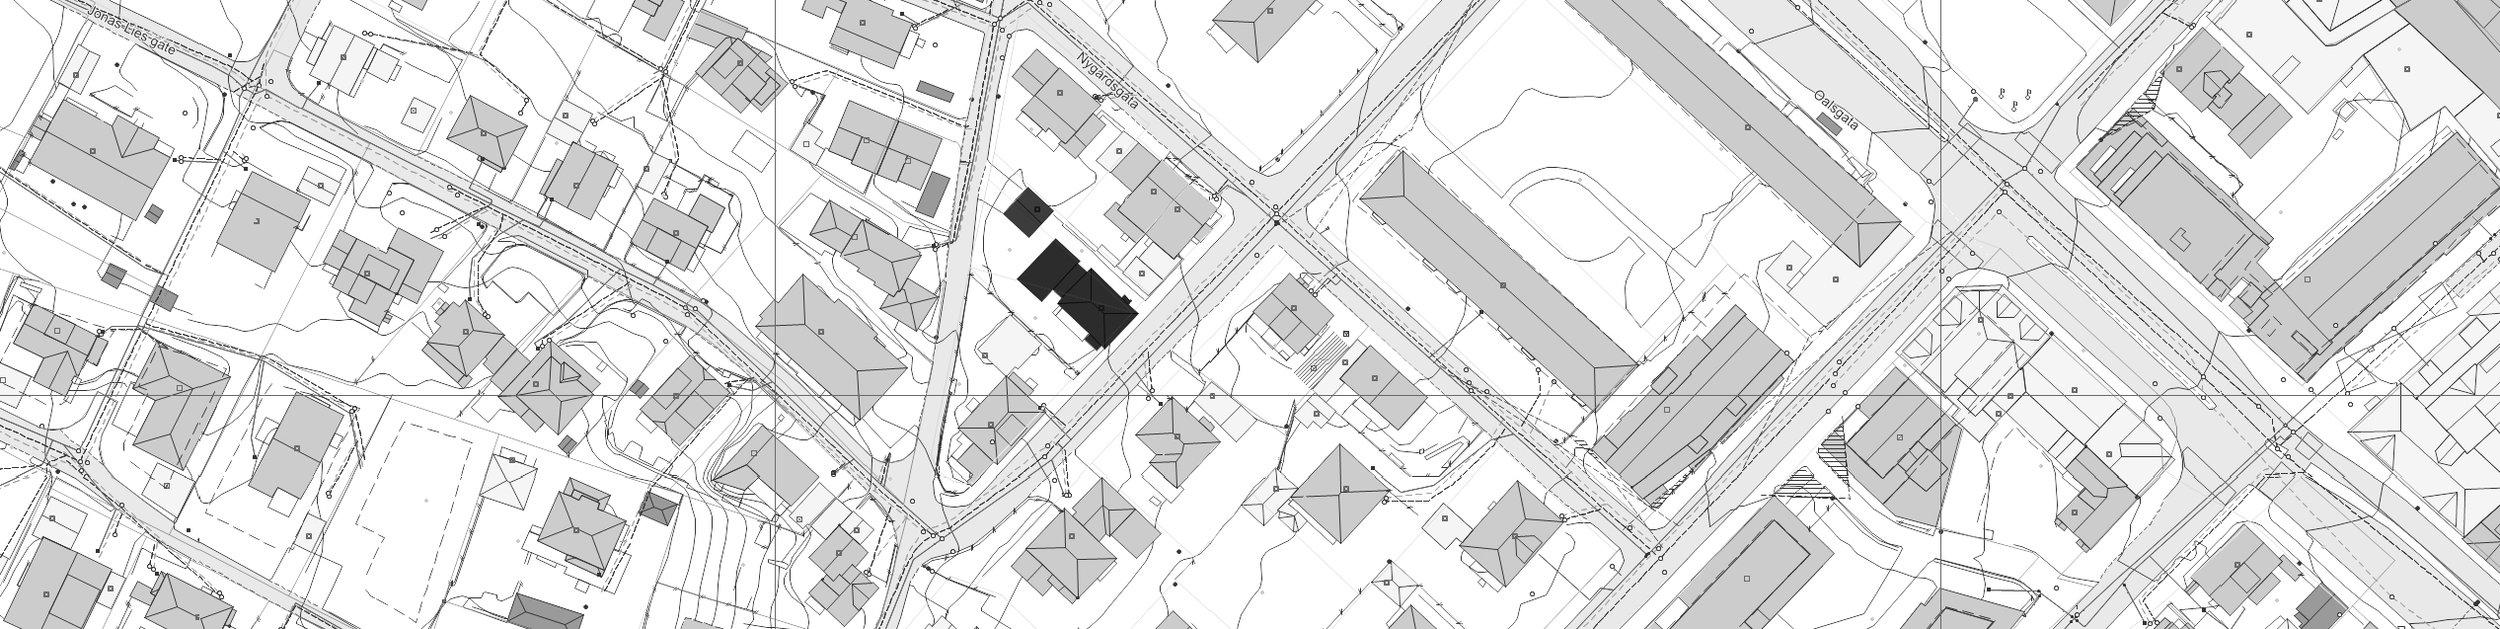 Mjolsnes_SituasjonskartCROP (1).jpg